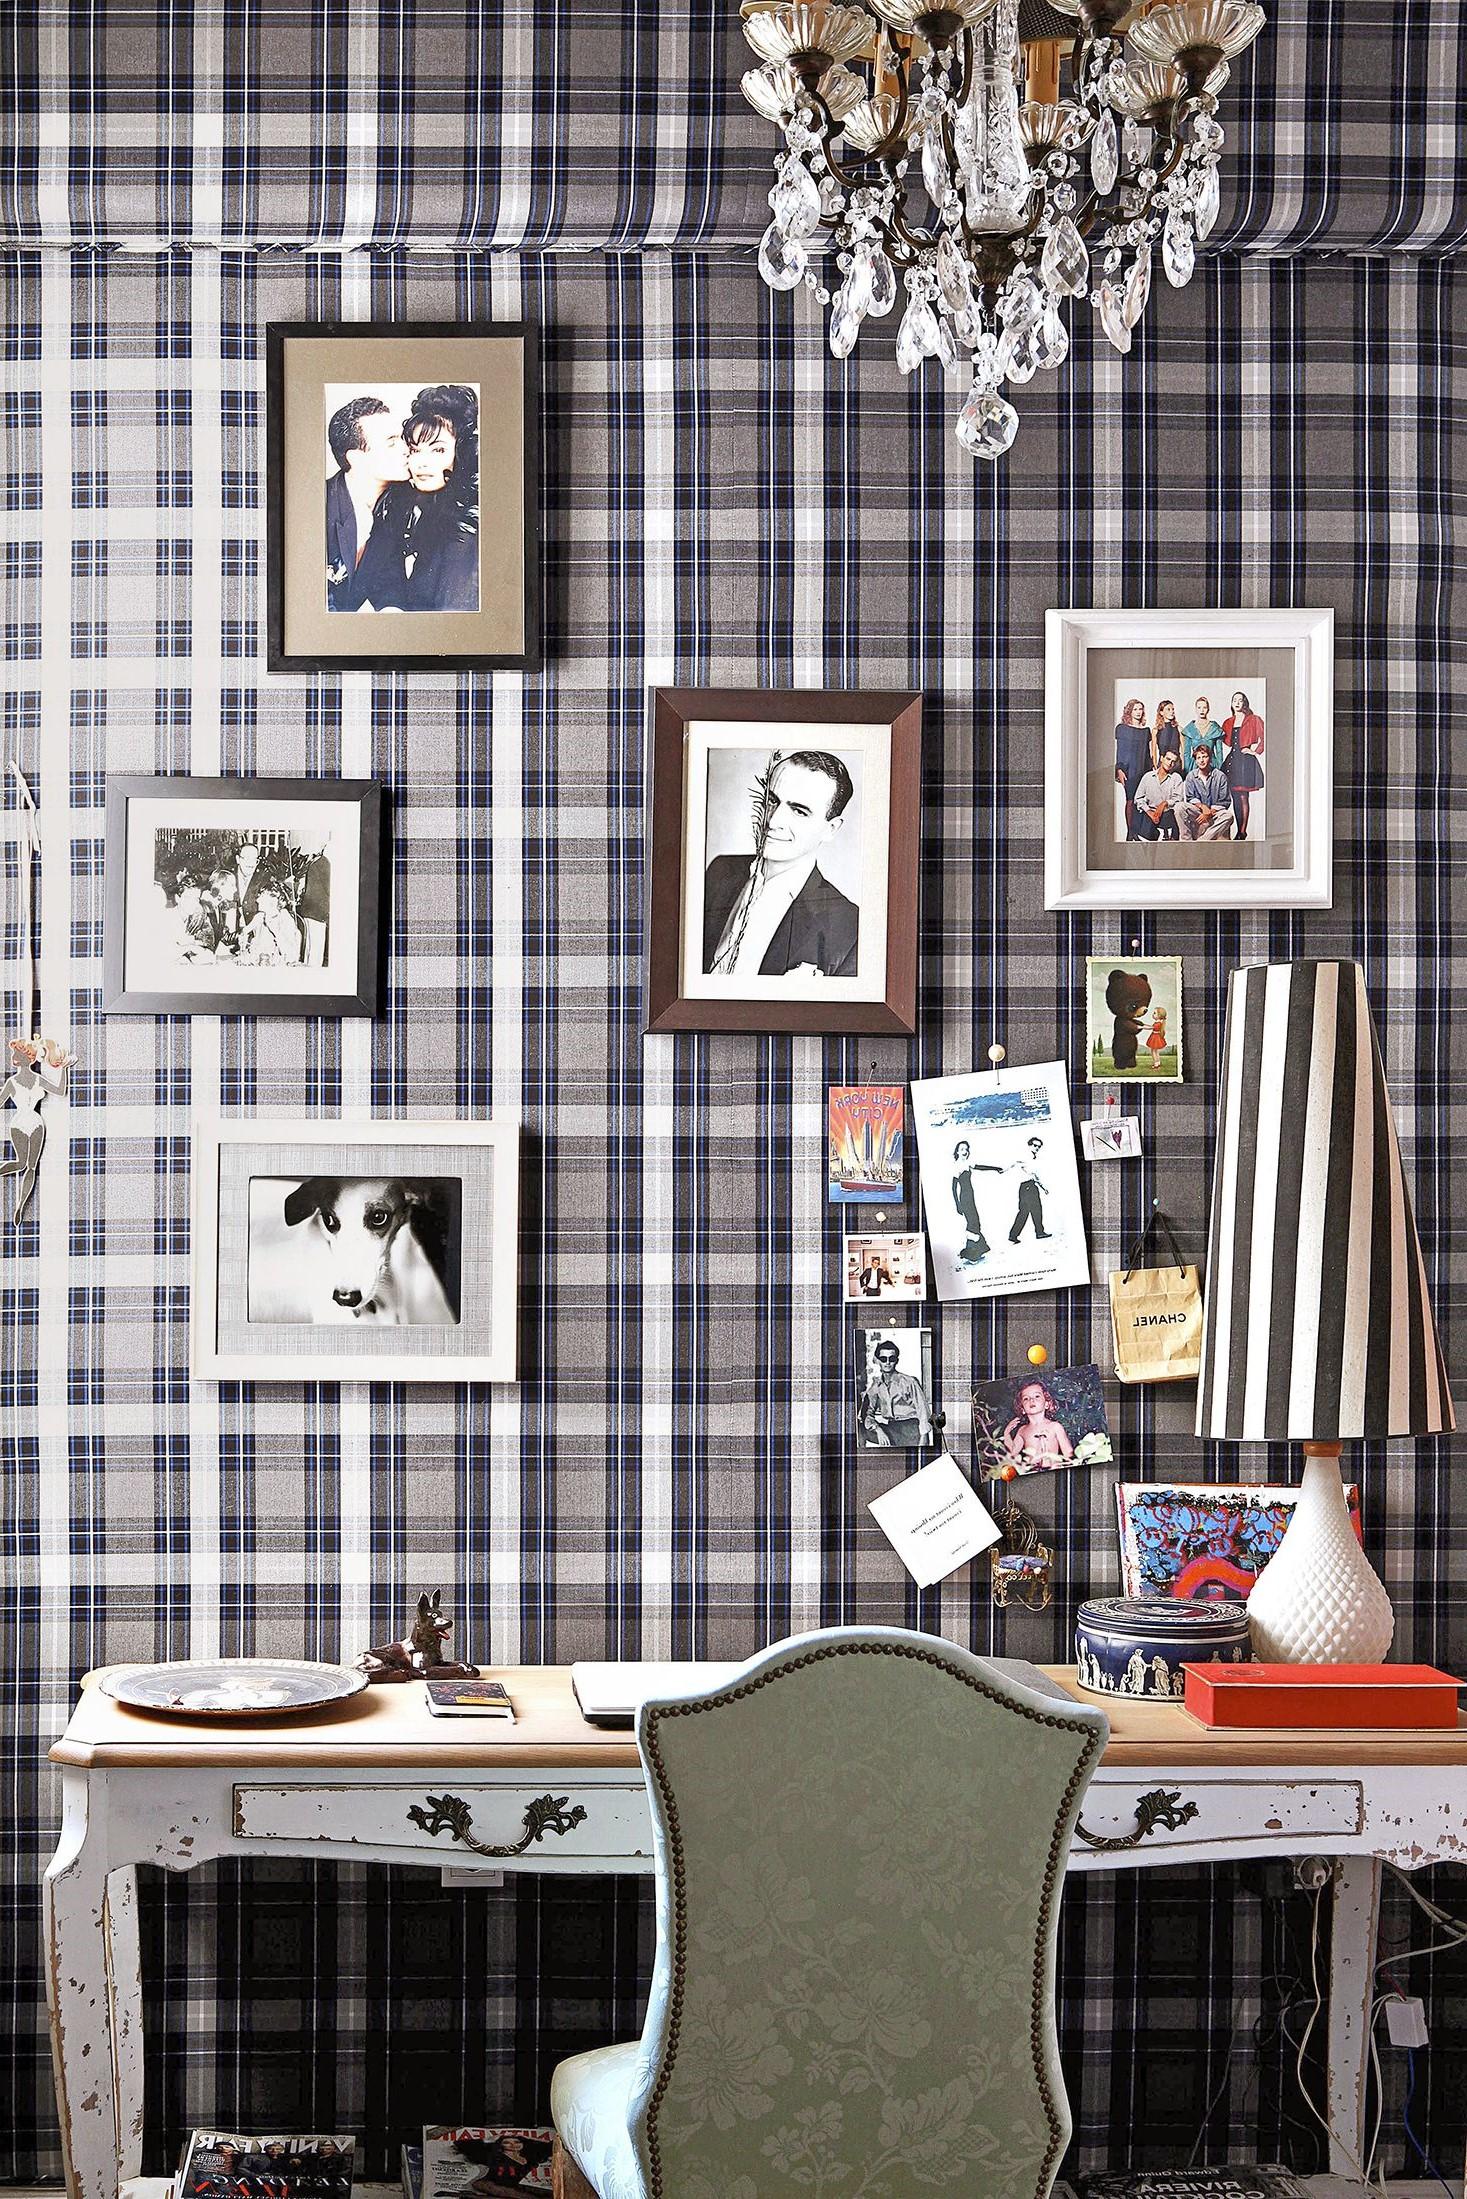 Installez un papier peint au mur pour créer un contraste avec les images et les photos.